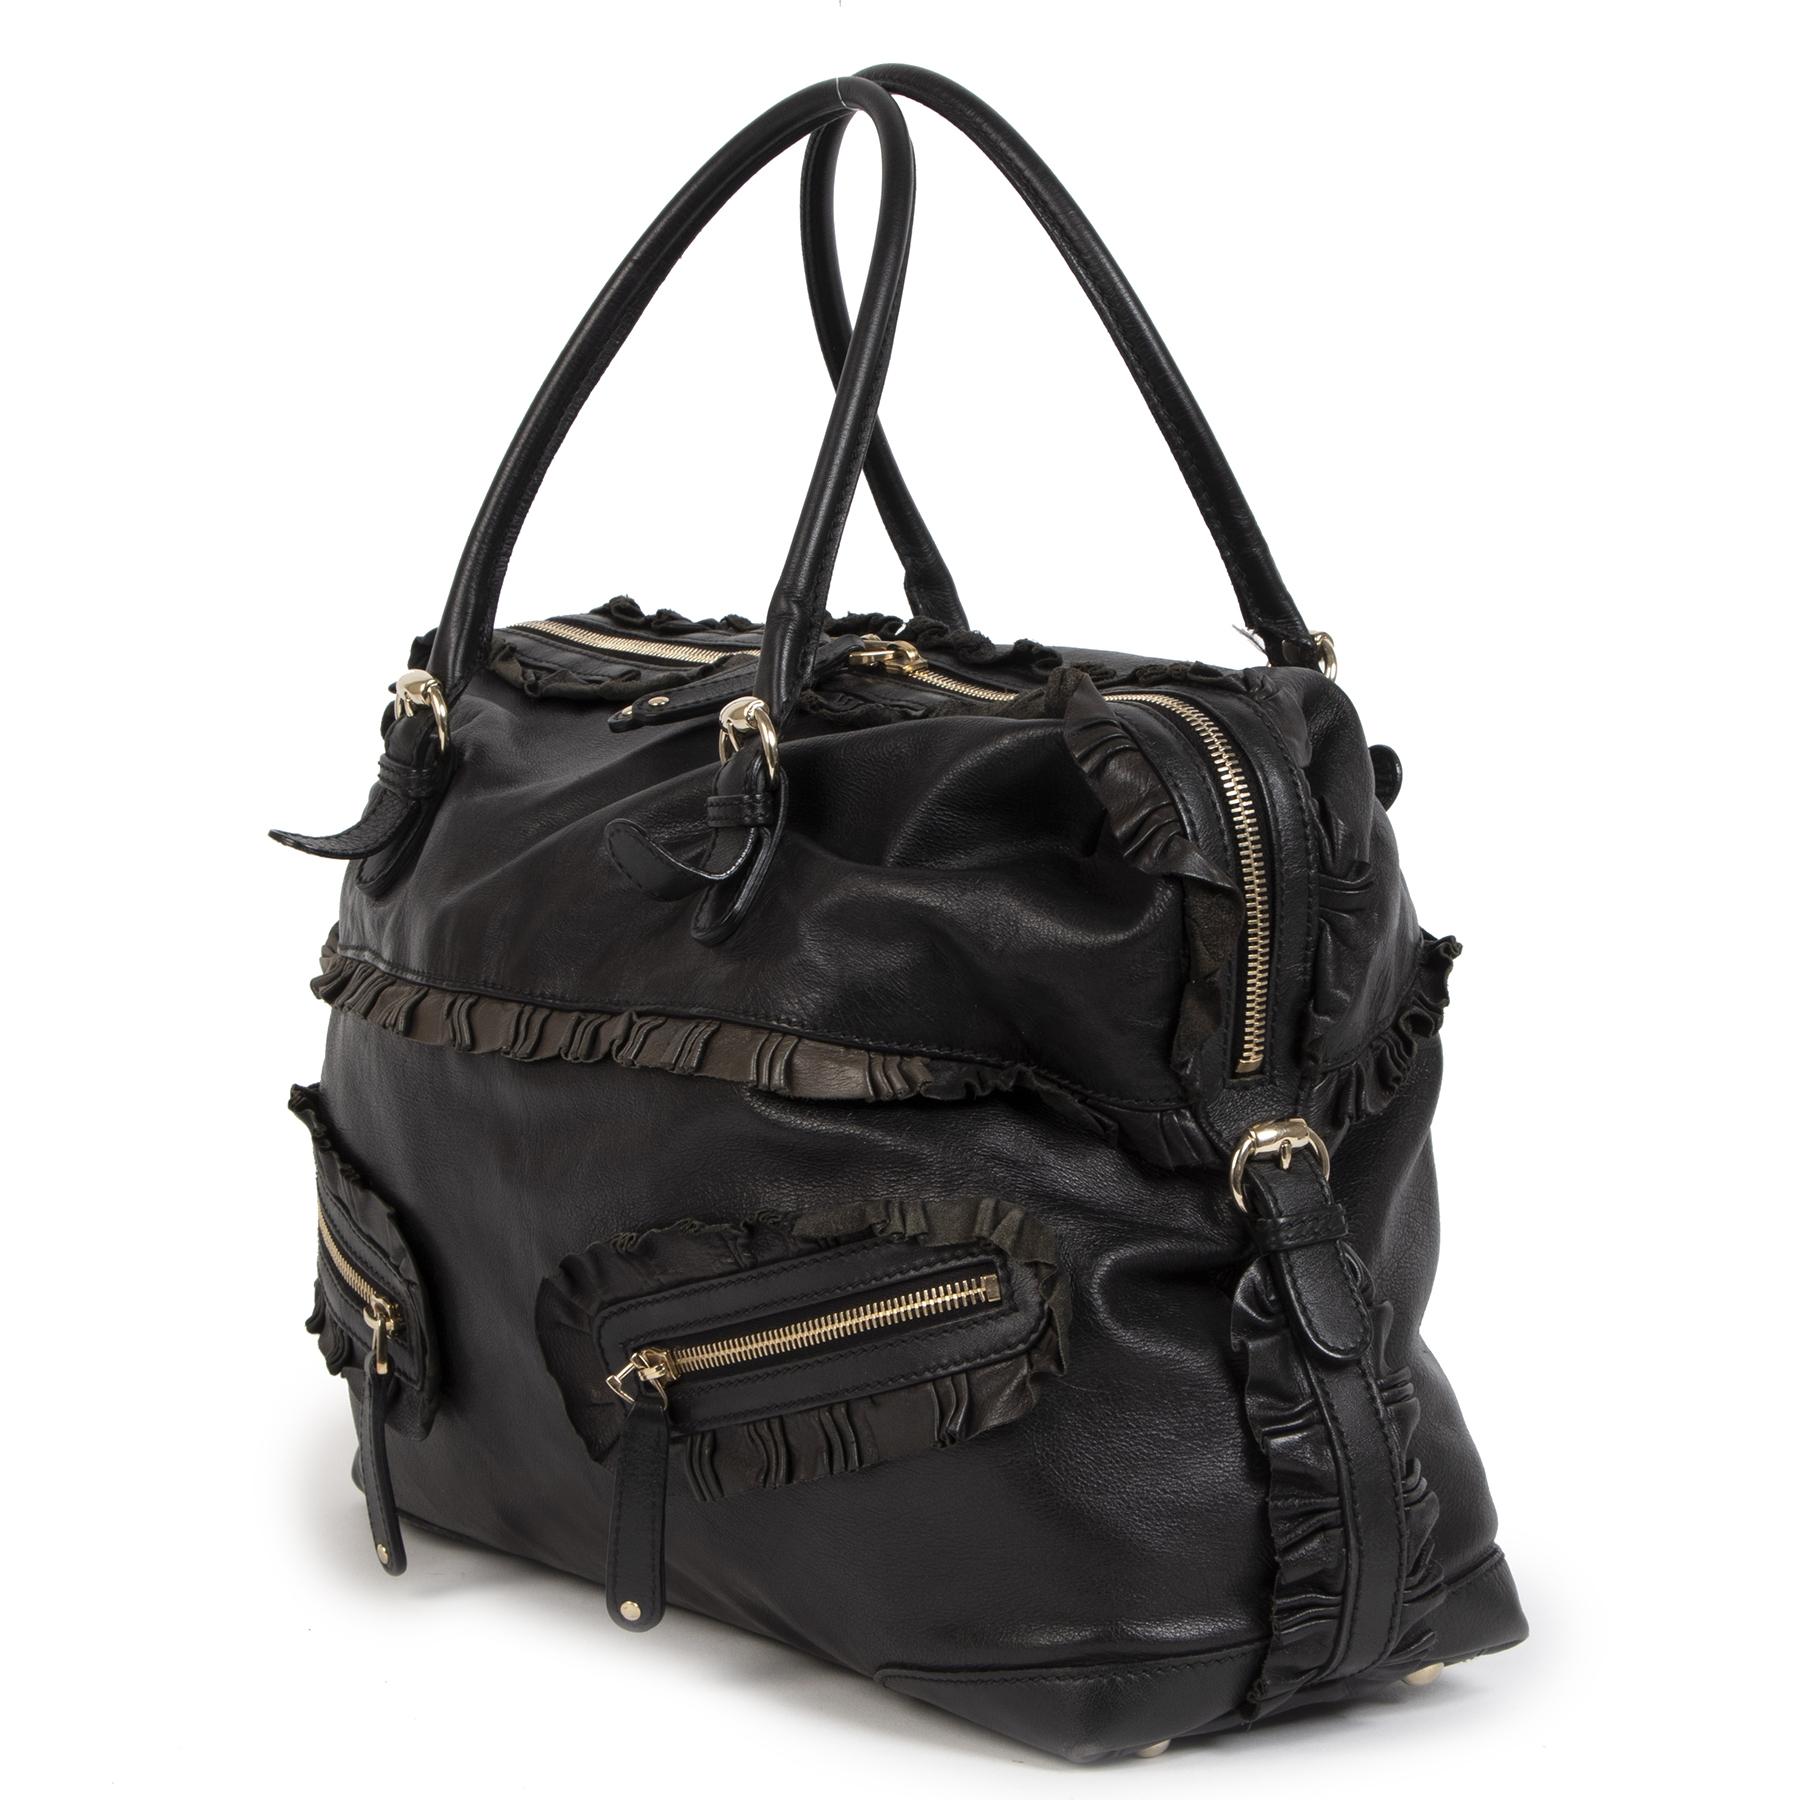 Authentieke Gucci Black Shoulder Bag tweedehands aan de juiste prijs veilig online webshop LabelLOV luxe merken winkelen LabelLOV Antwerpen België